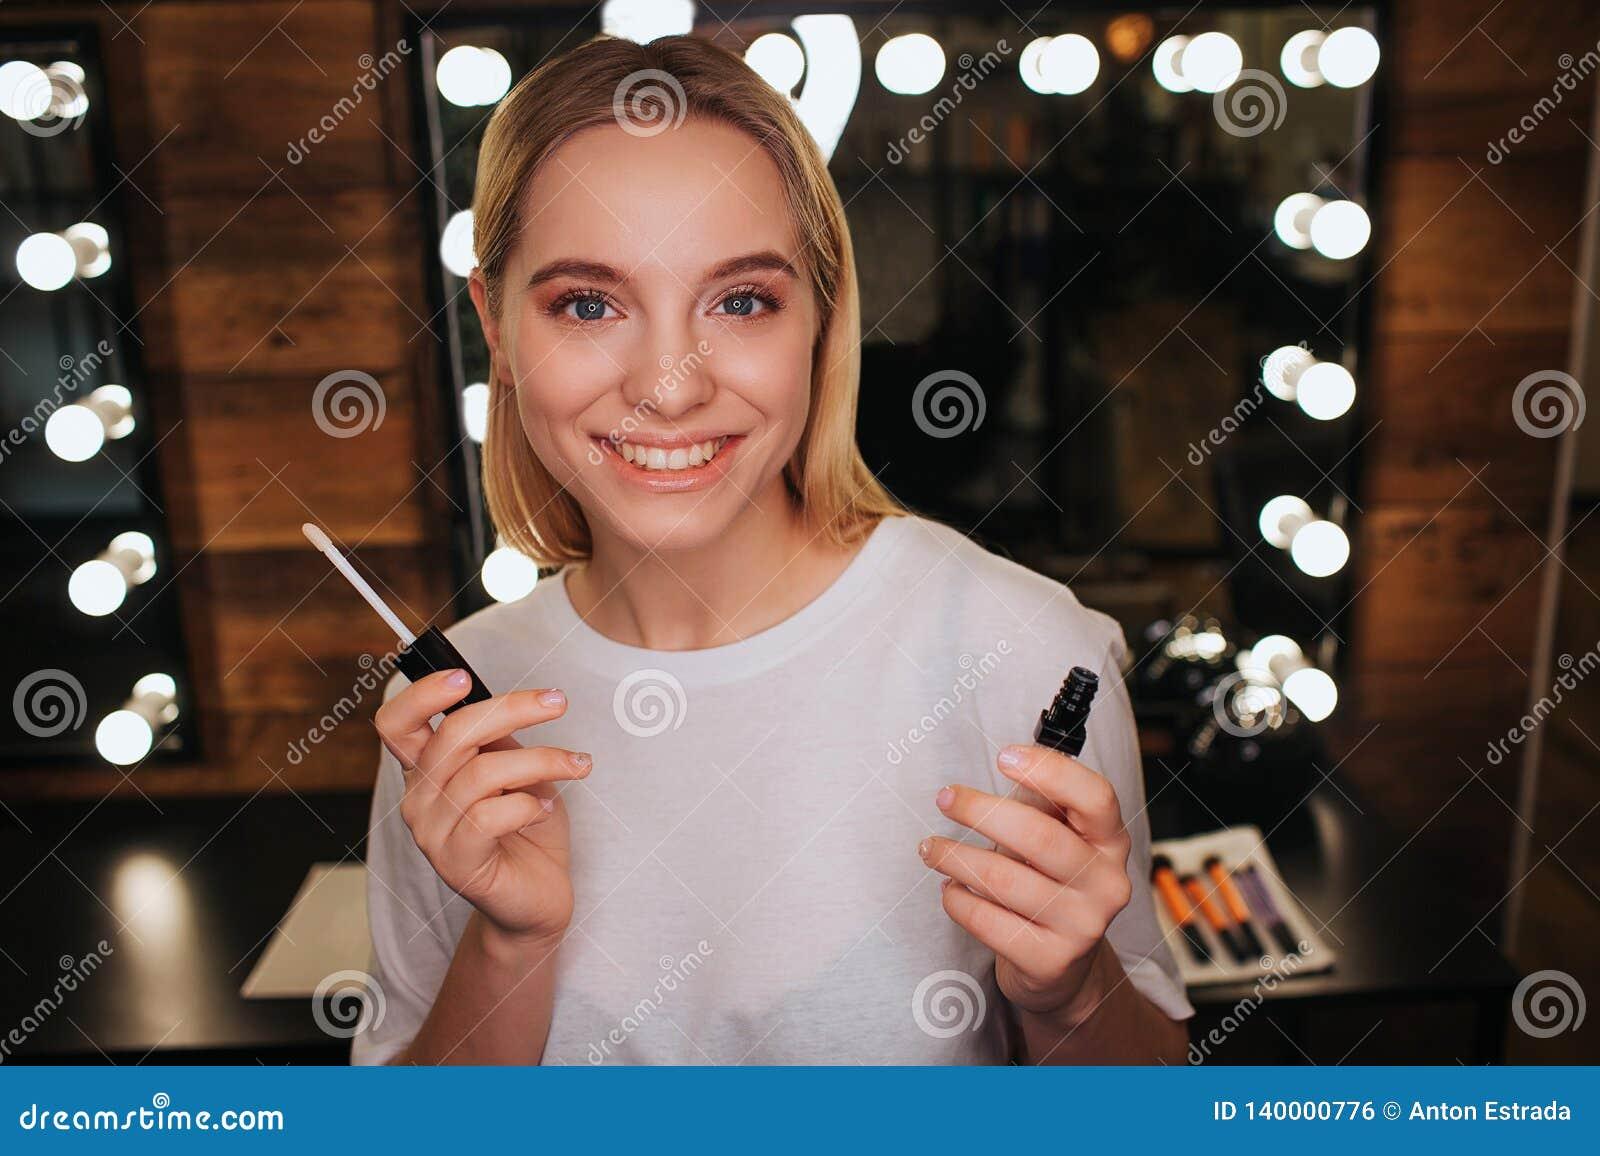 Mirada positiva alegre de la mujer joven en cámara y sonrisa Ella lleva a cabo lipgloss y actitud Espejo con las bombillas detrás